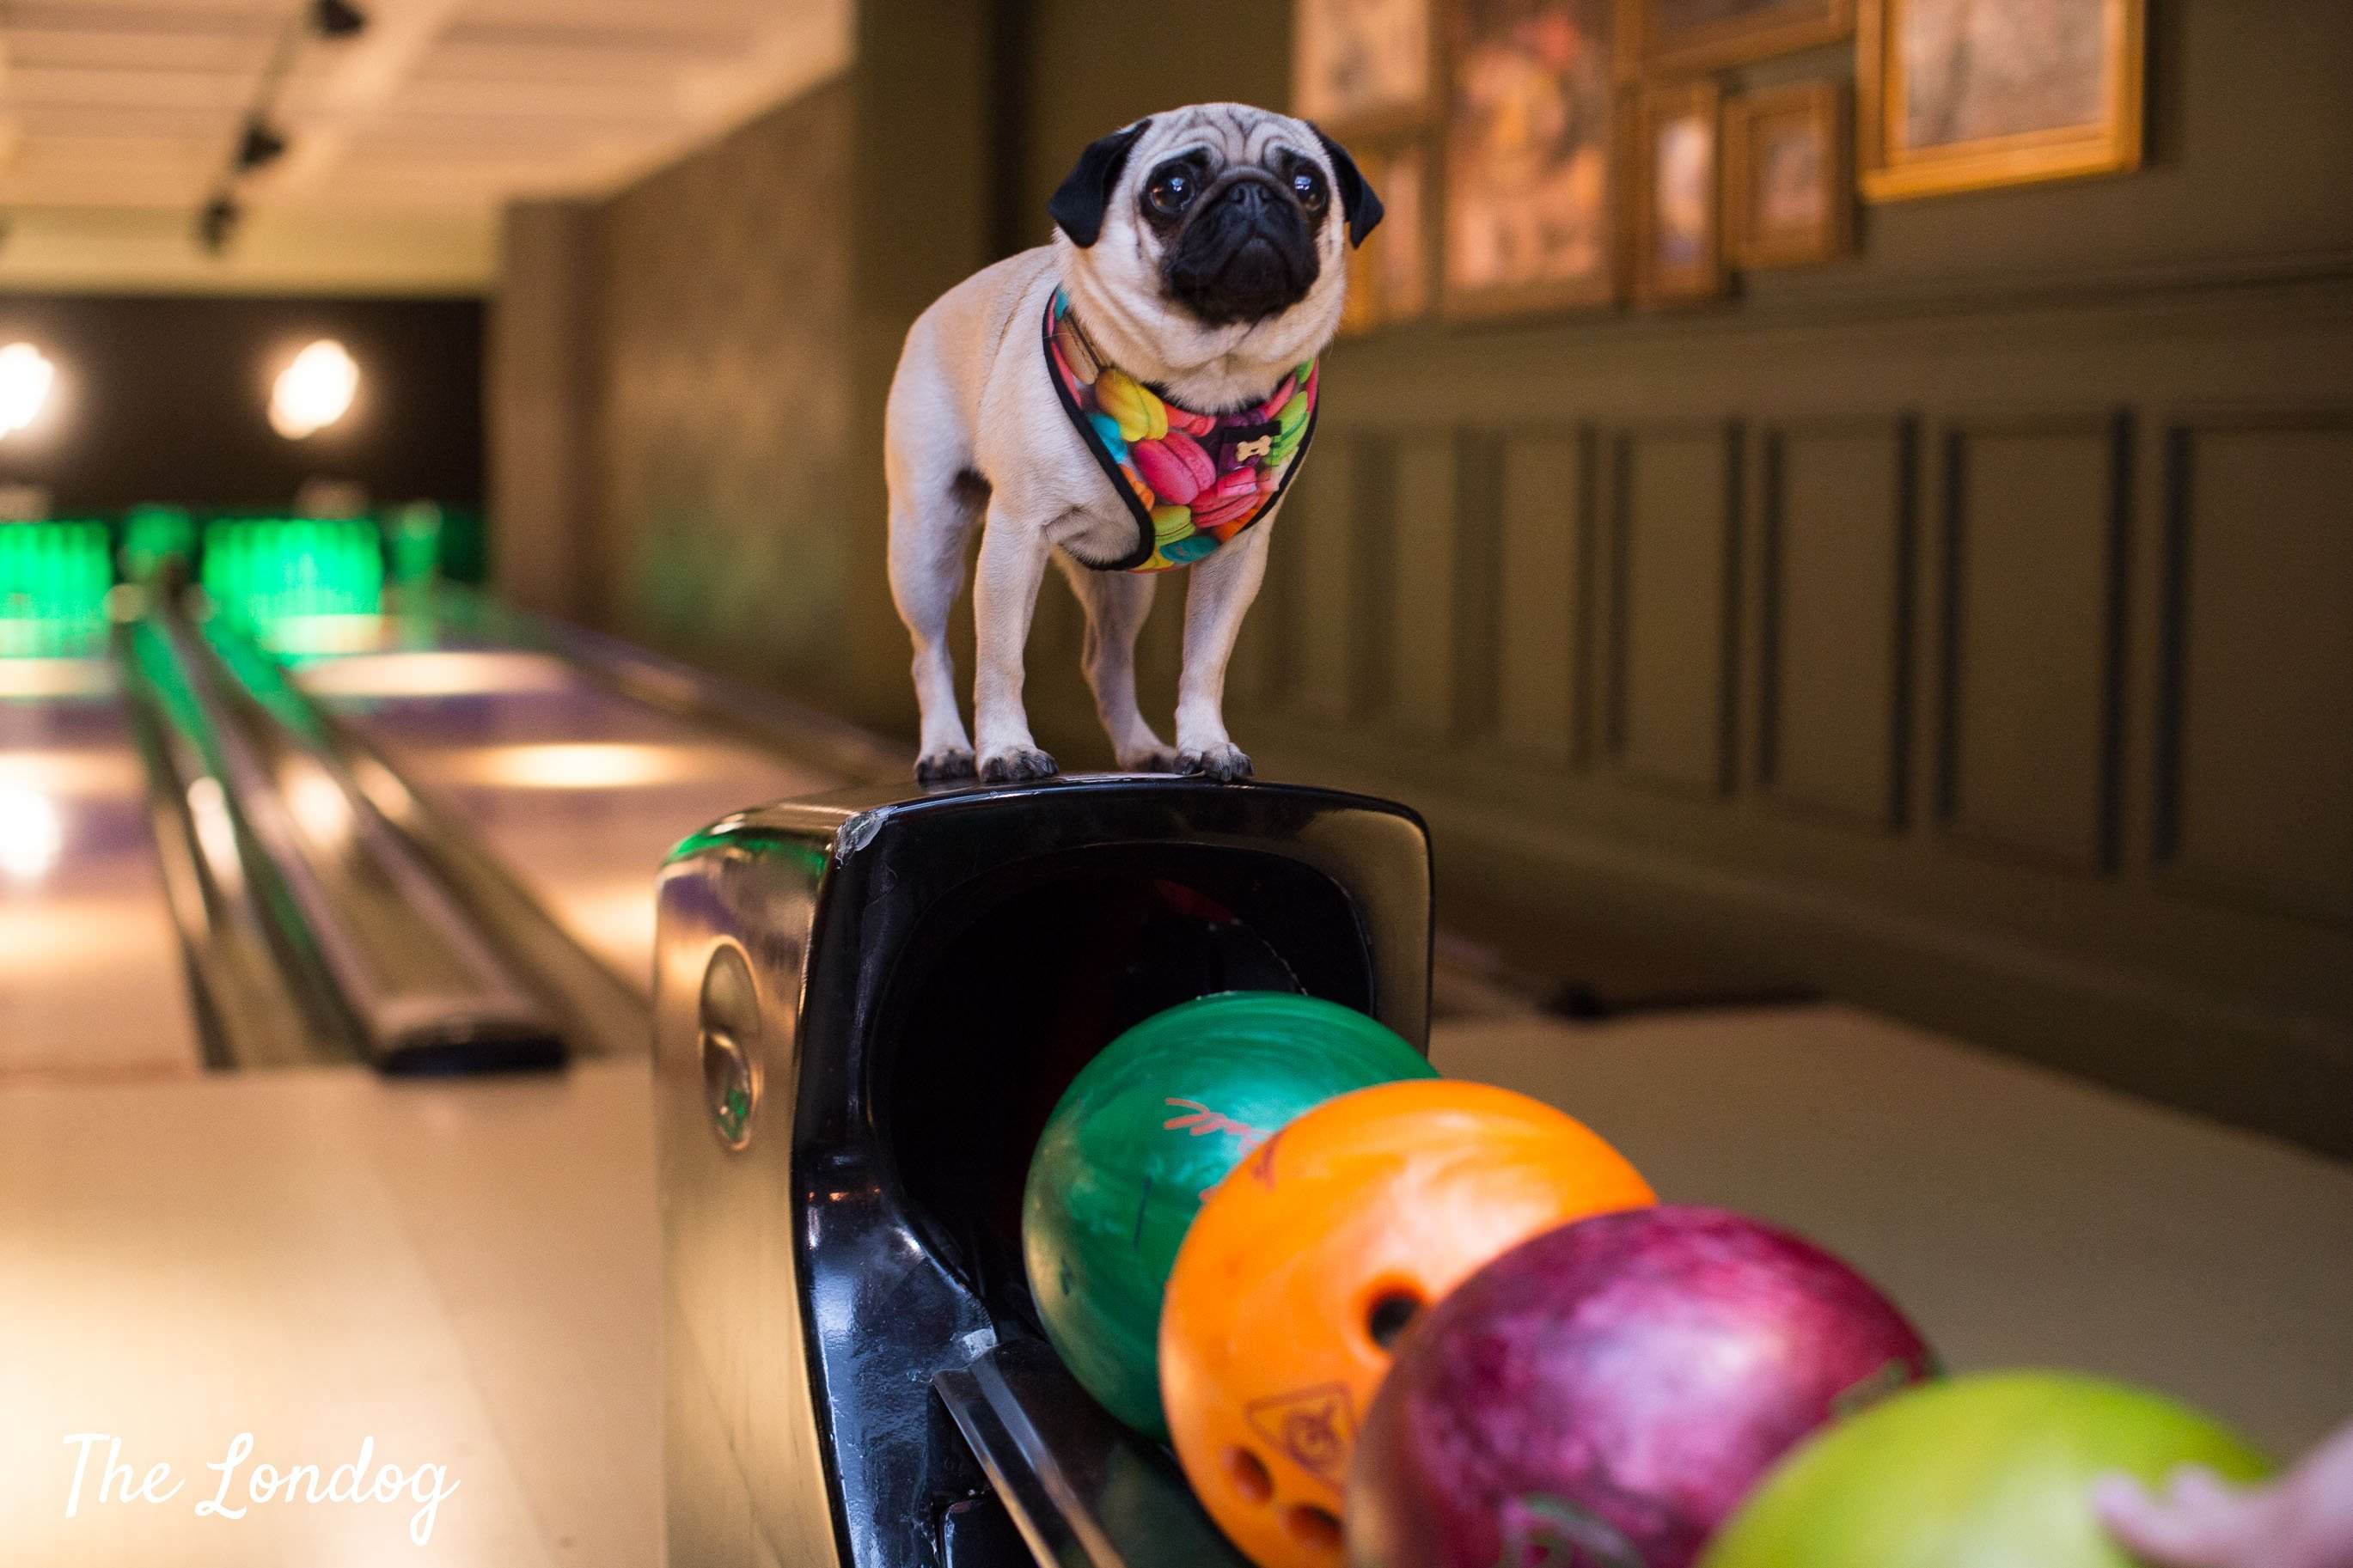 Dog at bowling lane